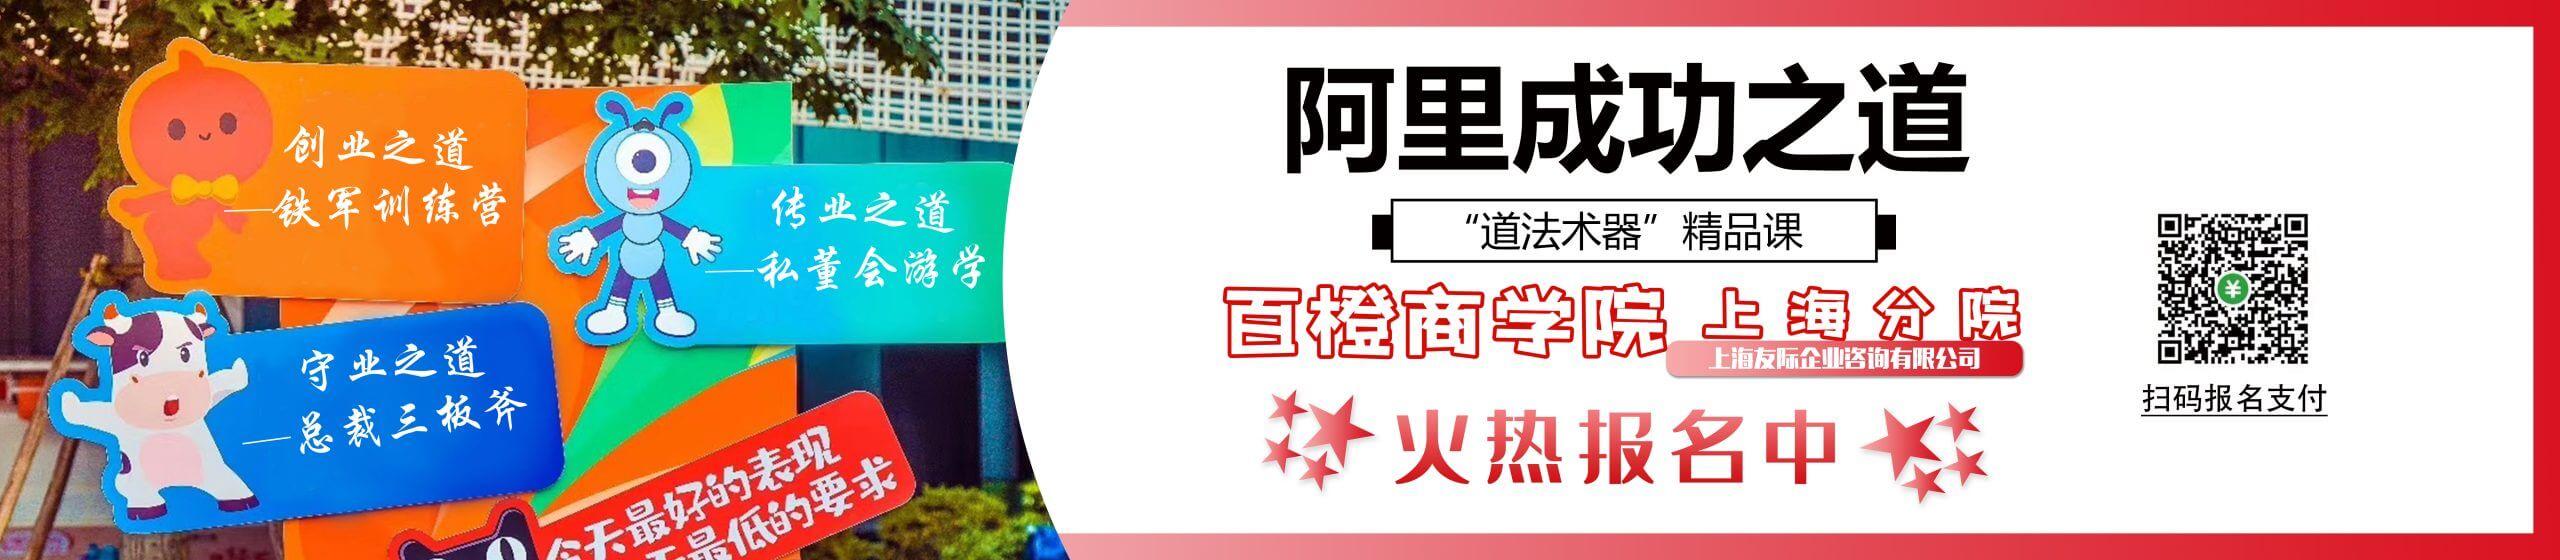 上海友际税务师事务所有限公司